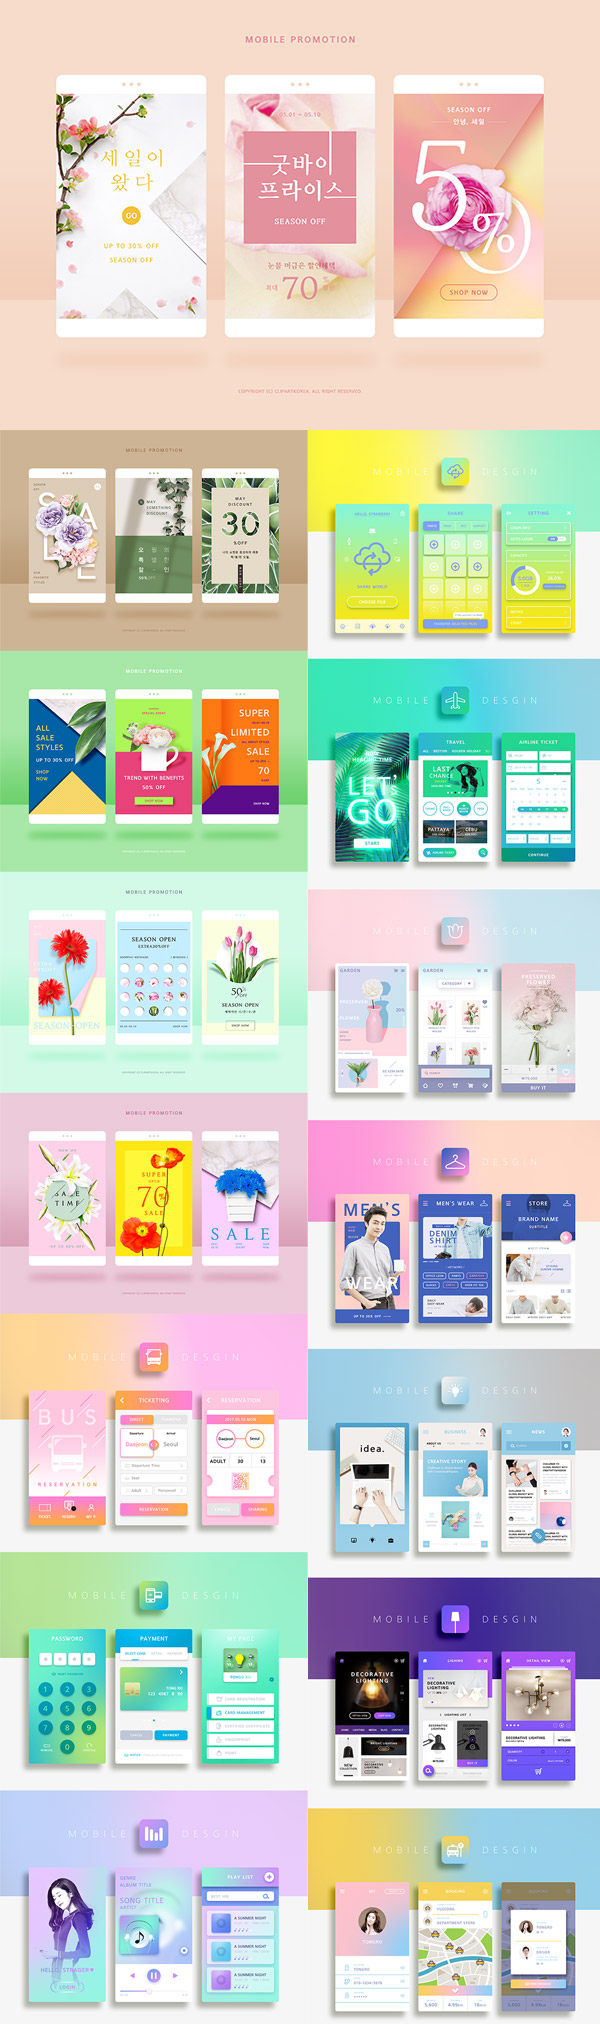 购物手机网页模板